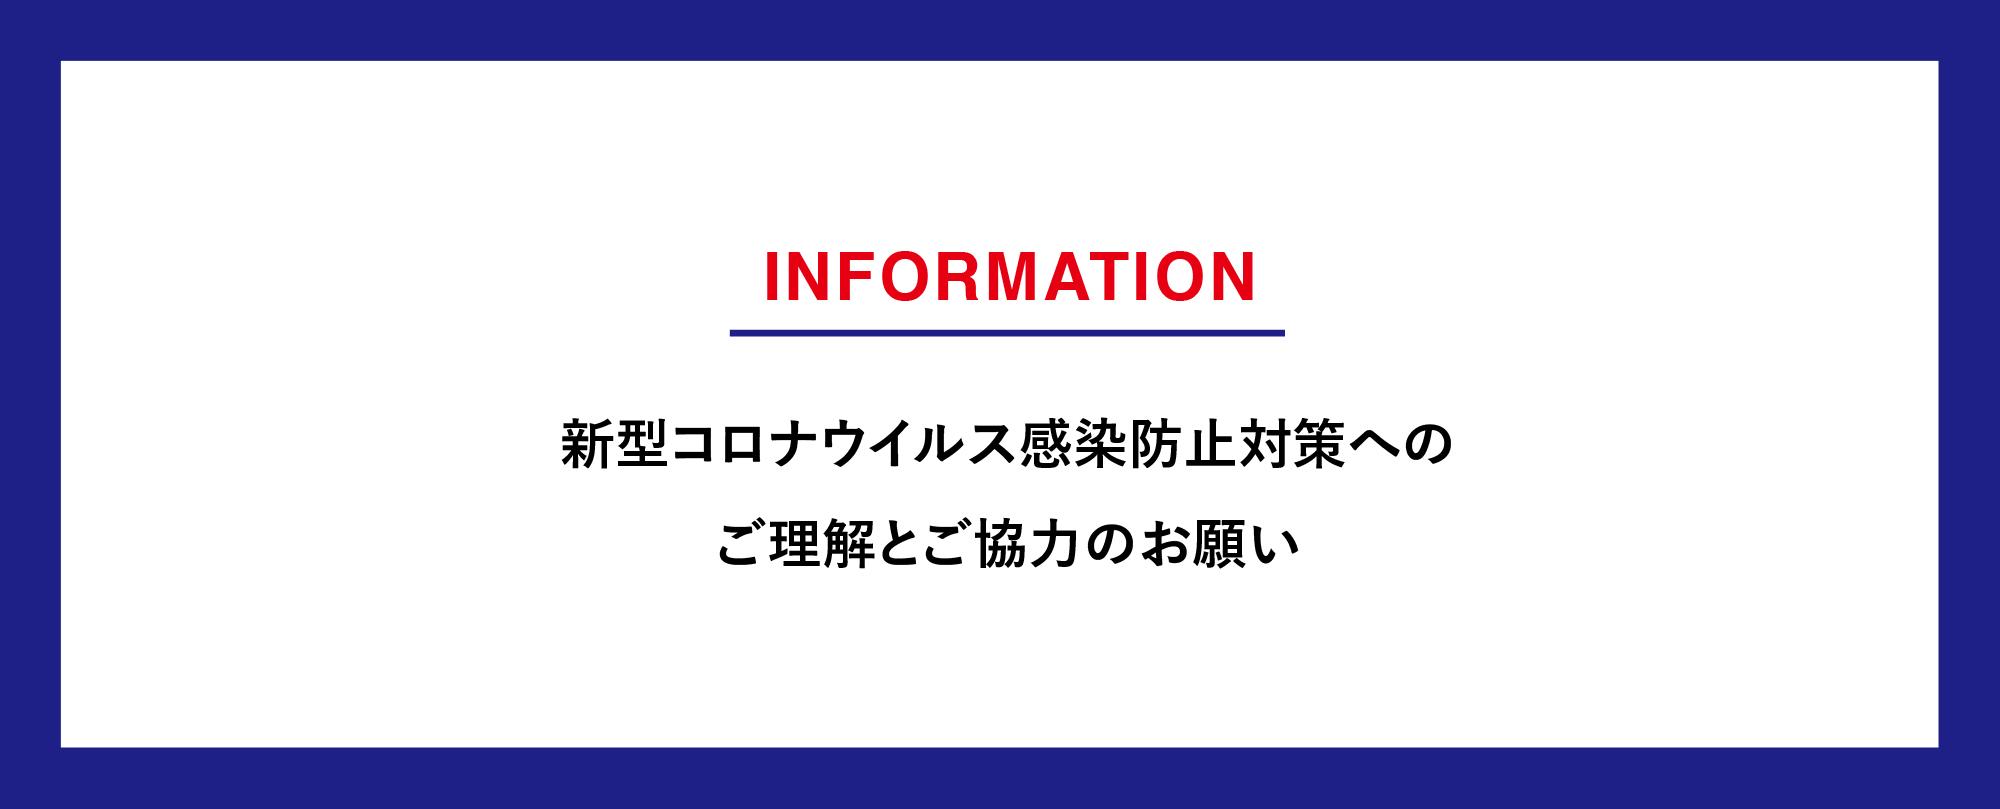 新型コロナウイルス感染防止対策への ご理解とご協力のお願い